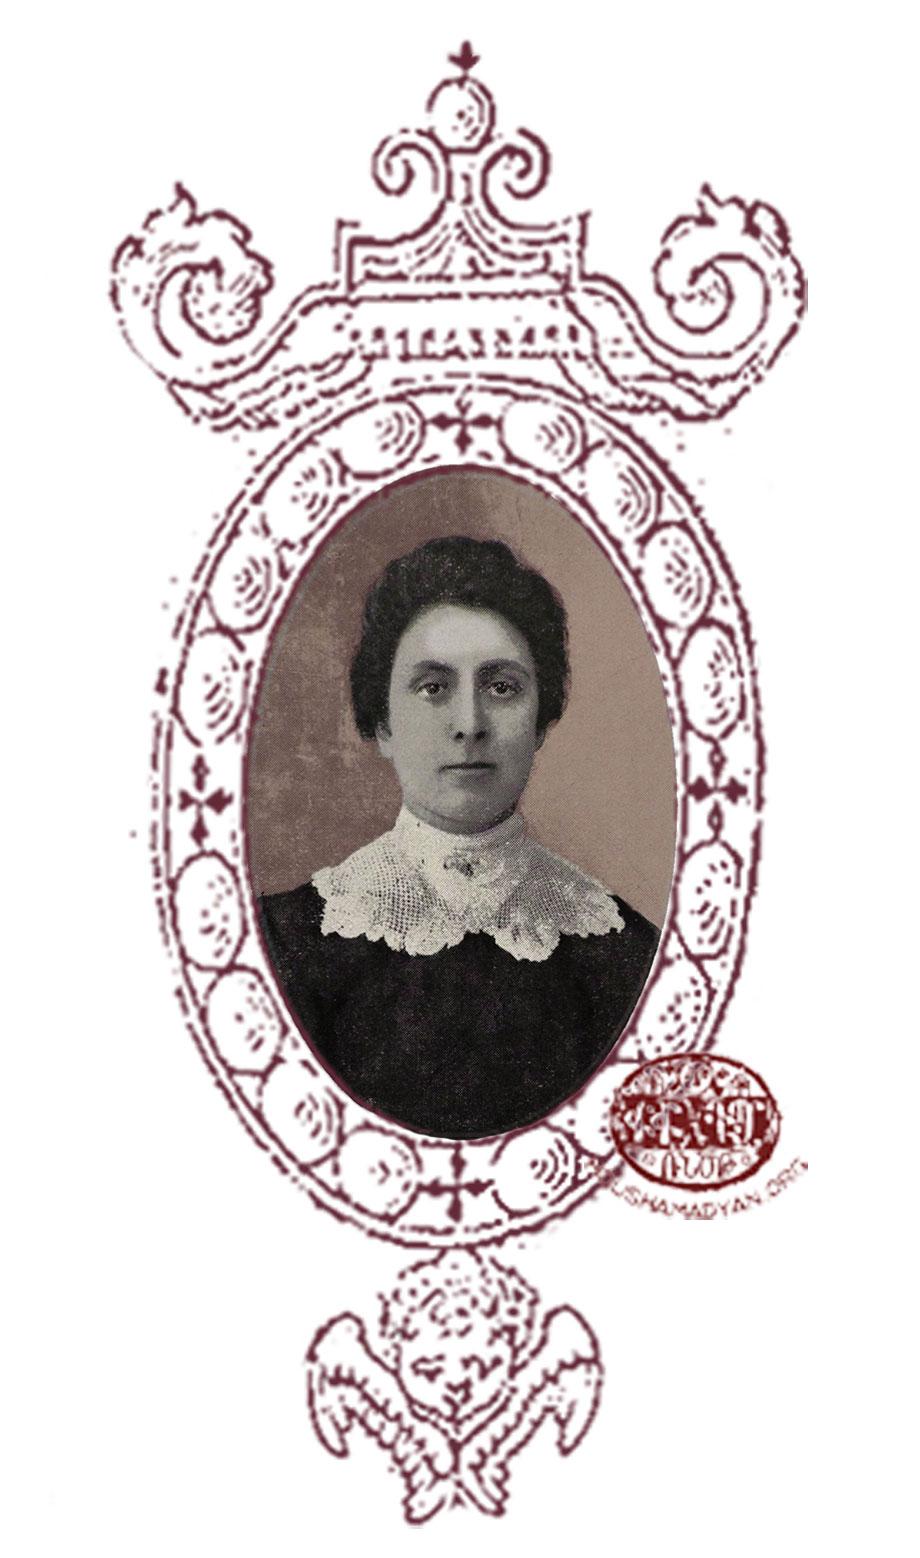 Elisabeth Harley